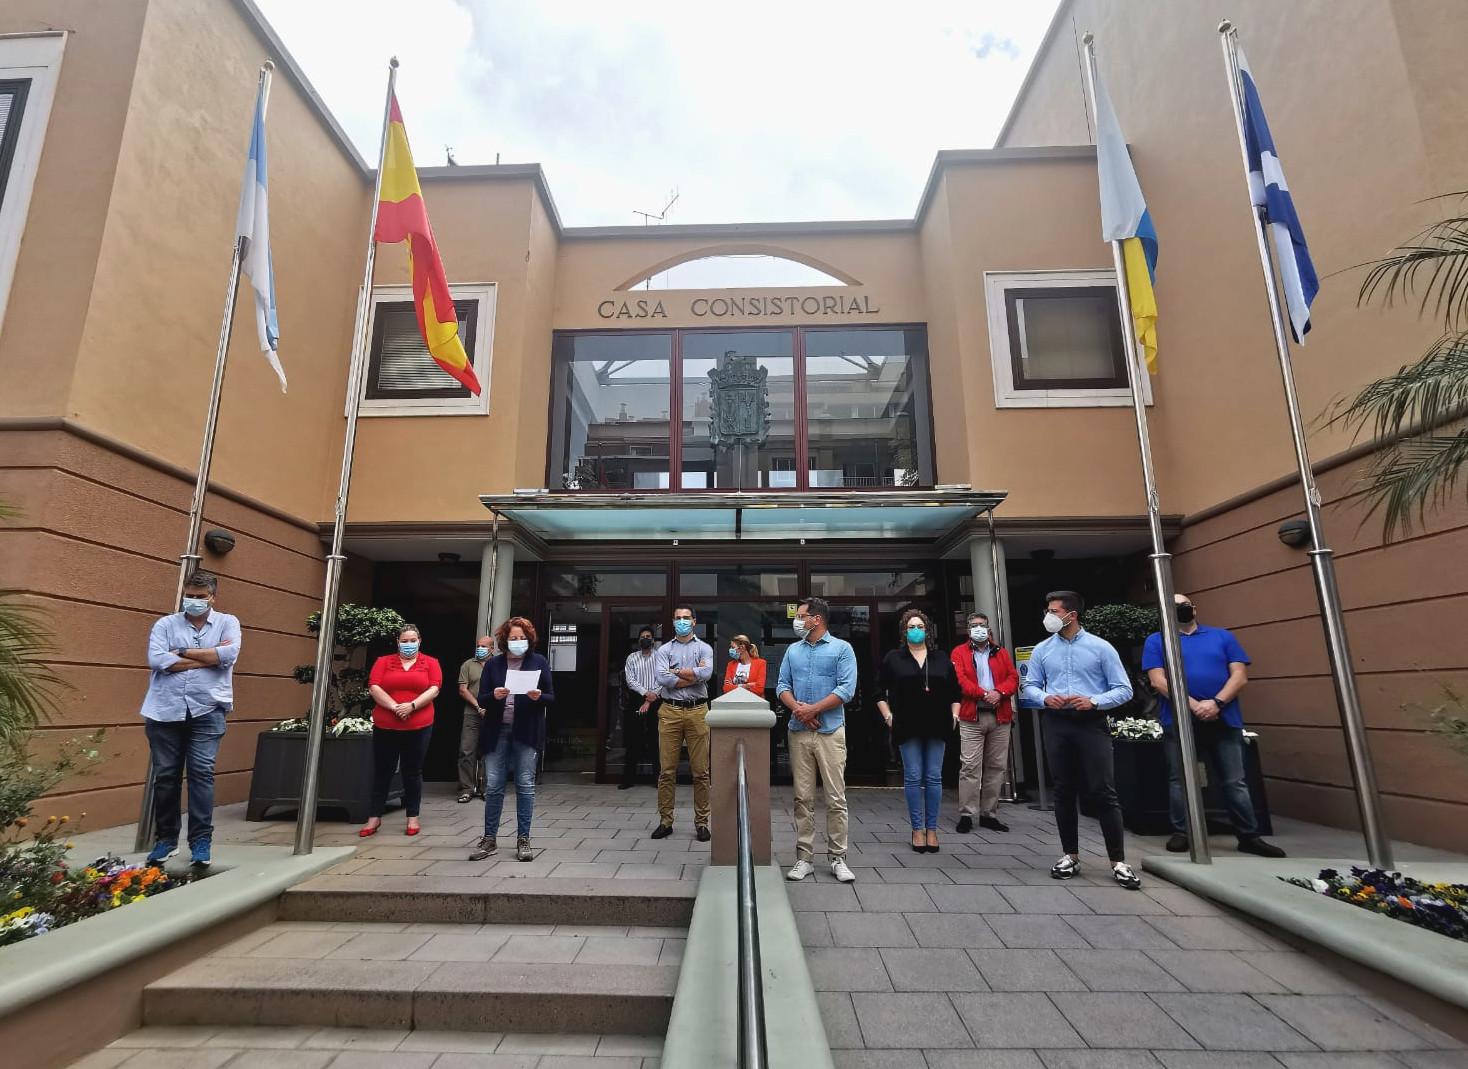 Minuto de silencio en el Ayuntamiento de Los Realejos (Tenerife)